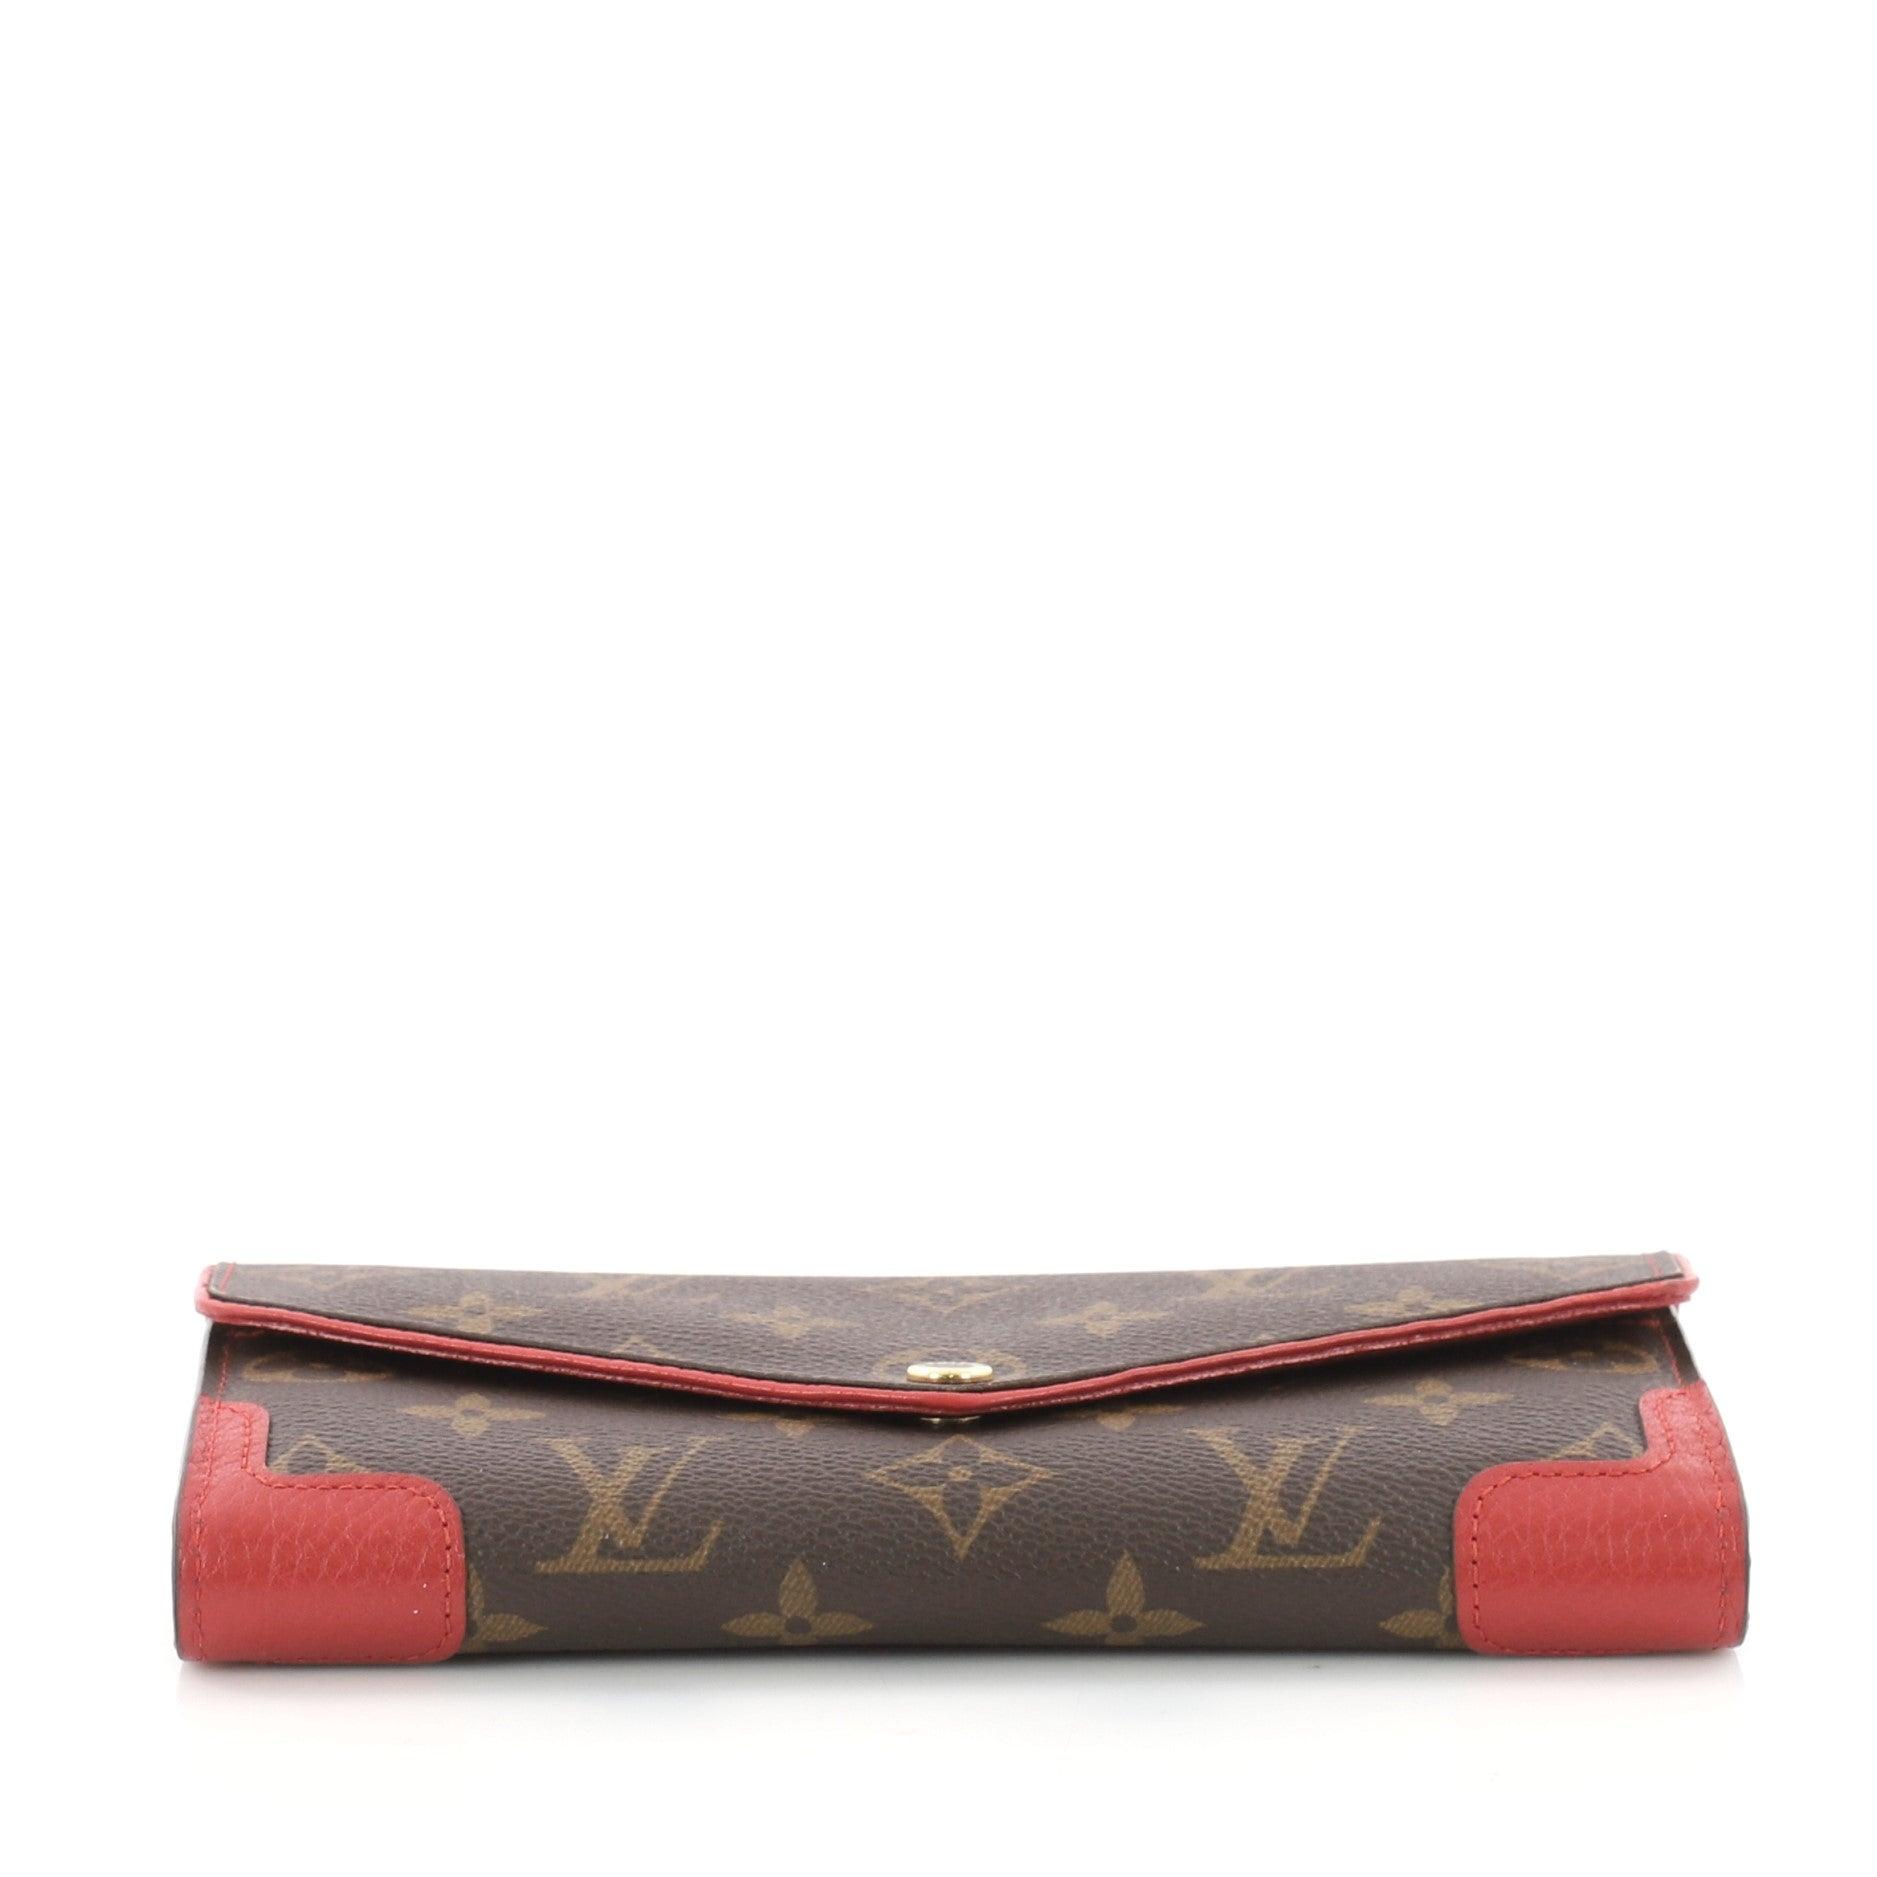 d5e90cb5485d4 Louis Vuitton Retiro Zippy Geldbörse Monogram Canvas bei 1stdibs